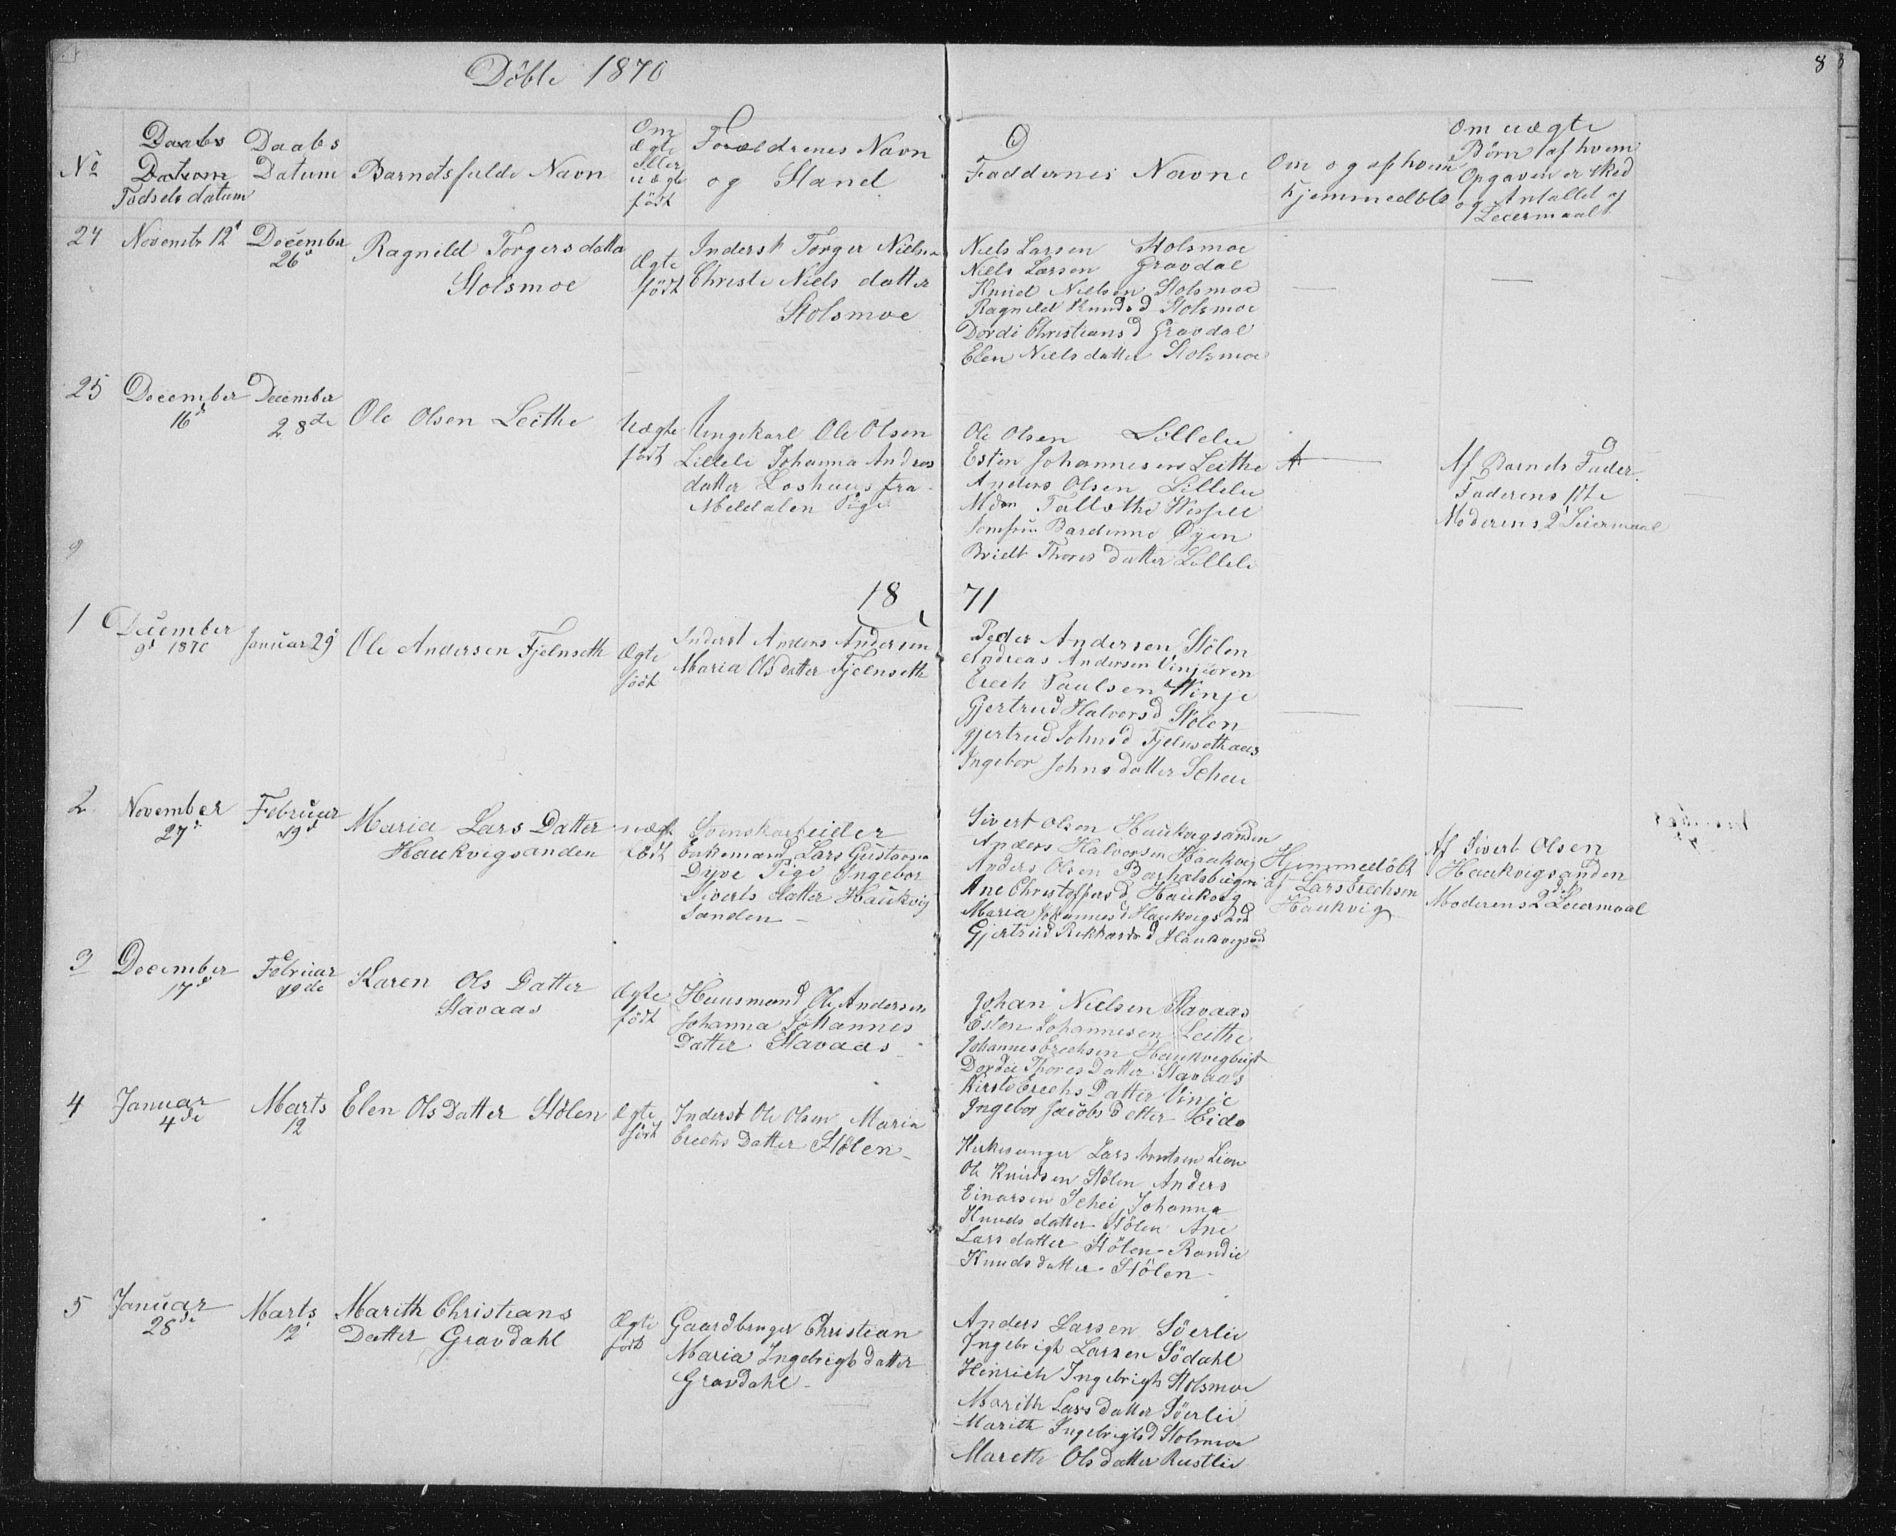 SAT, Ministerialprotokoller, klokkerbøker og fødselsregistre - Sør-Trøndelag, 631/L0513: Klokkerbok nr. 631C01, 1869-1879, s. 8